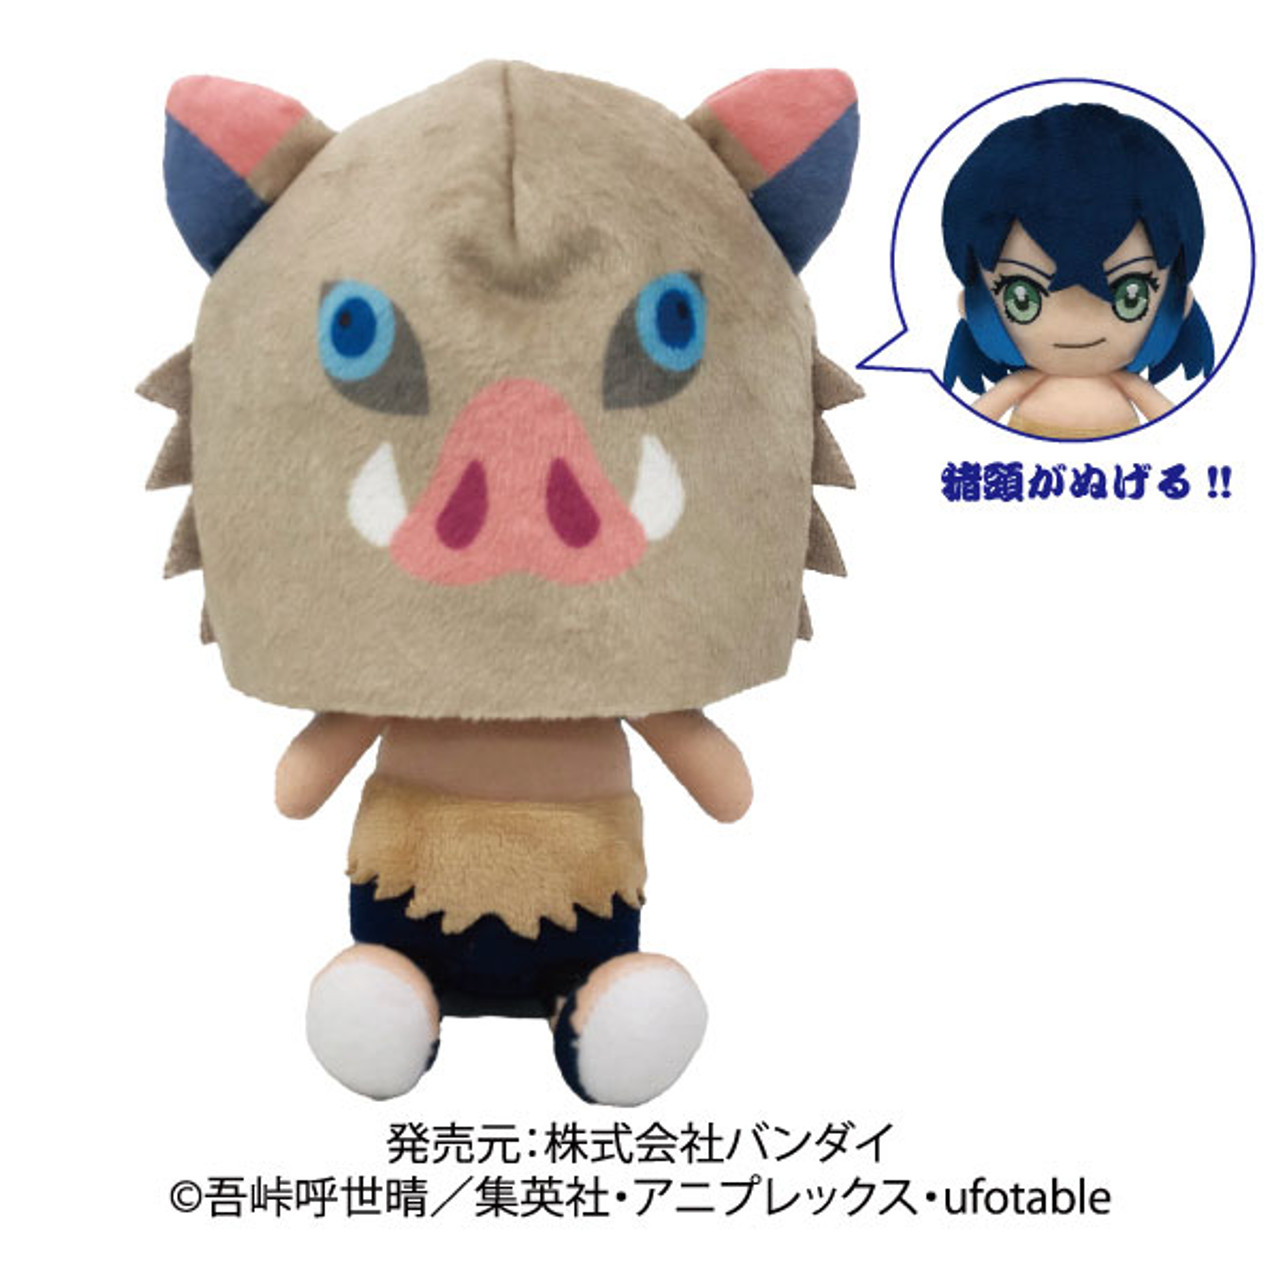 Demon Slayer Kimetsu No Yaiba Chibi Plush Inosuke Hashibira Bandai The most common mitsuri demon slayer material is plastic. demon slayer kimetsu no yaiba chibi plush inosuke hashibira bandai